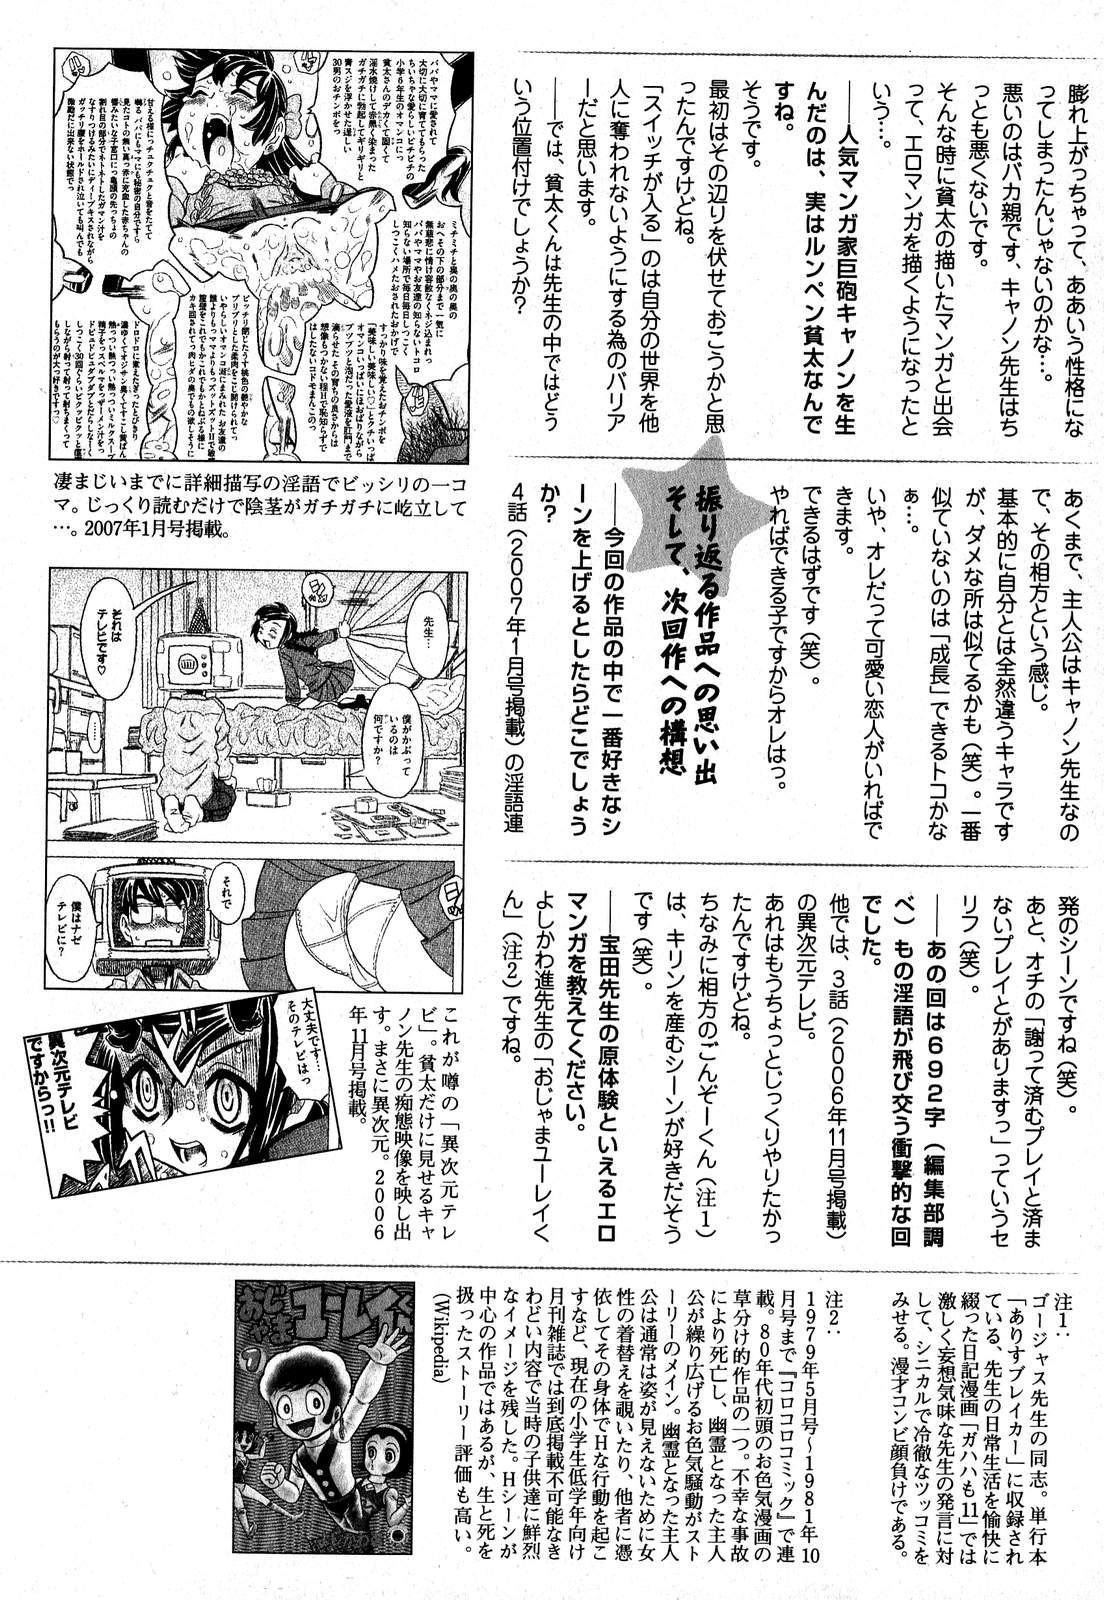 COMIC XO 2007-09 Vol. 16 55